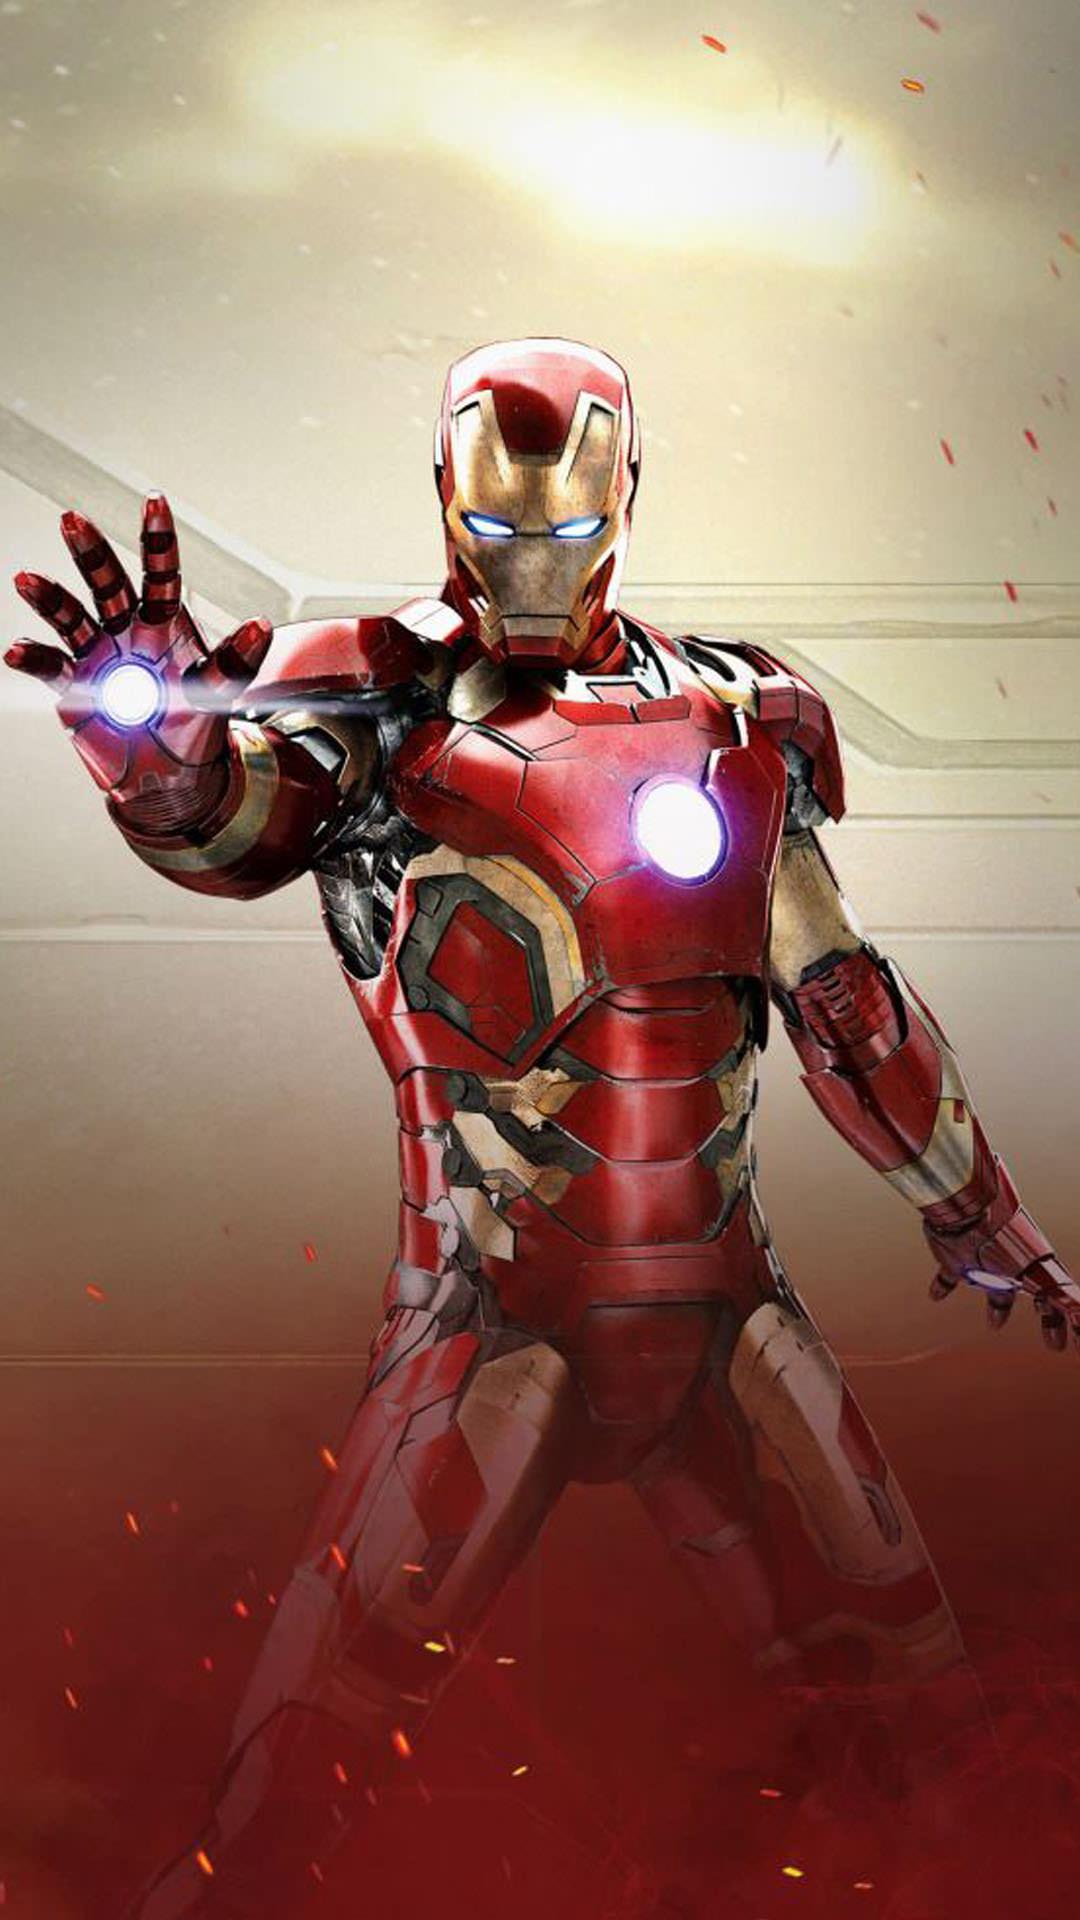 20+ Iron Man 2019 Wallpapers on WallpaperSafari